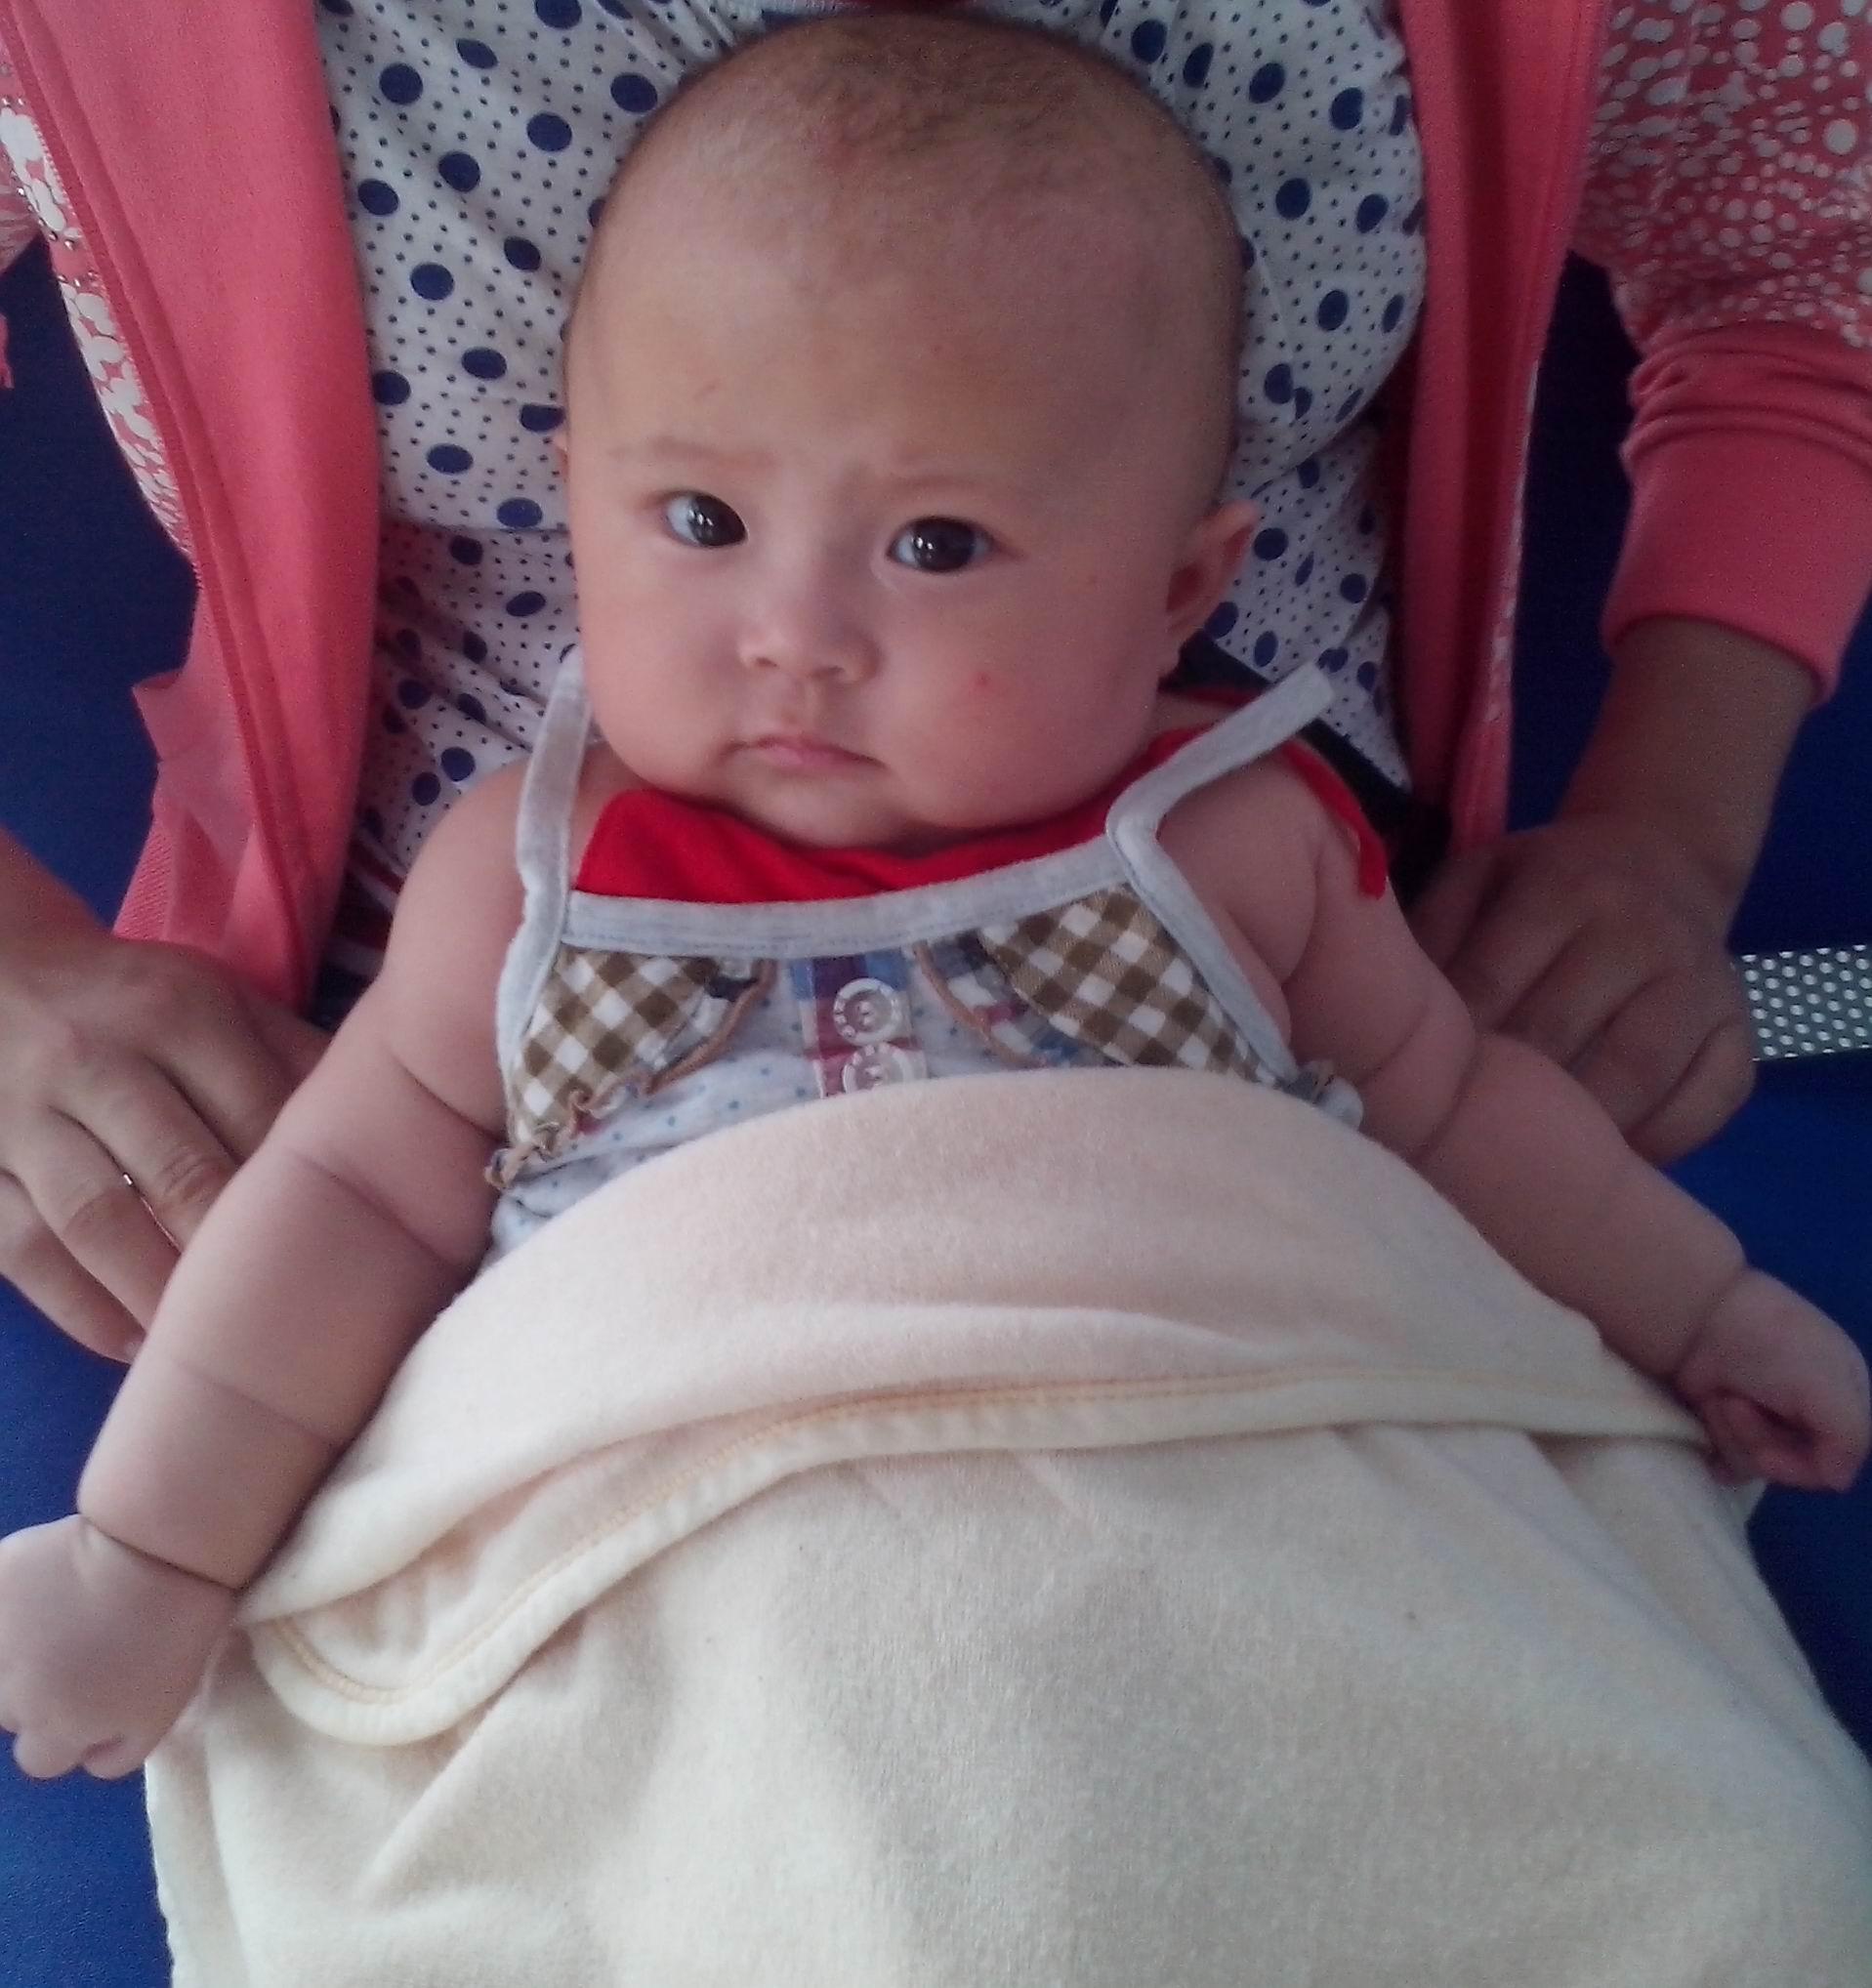 四个月婴儿头歪,睡觉时应该朝哪睡来纠正高清图片